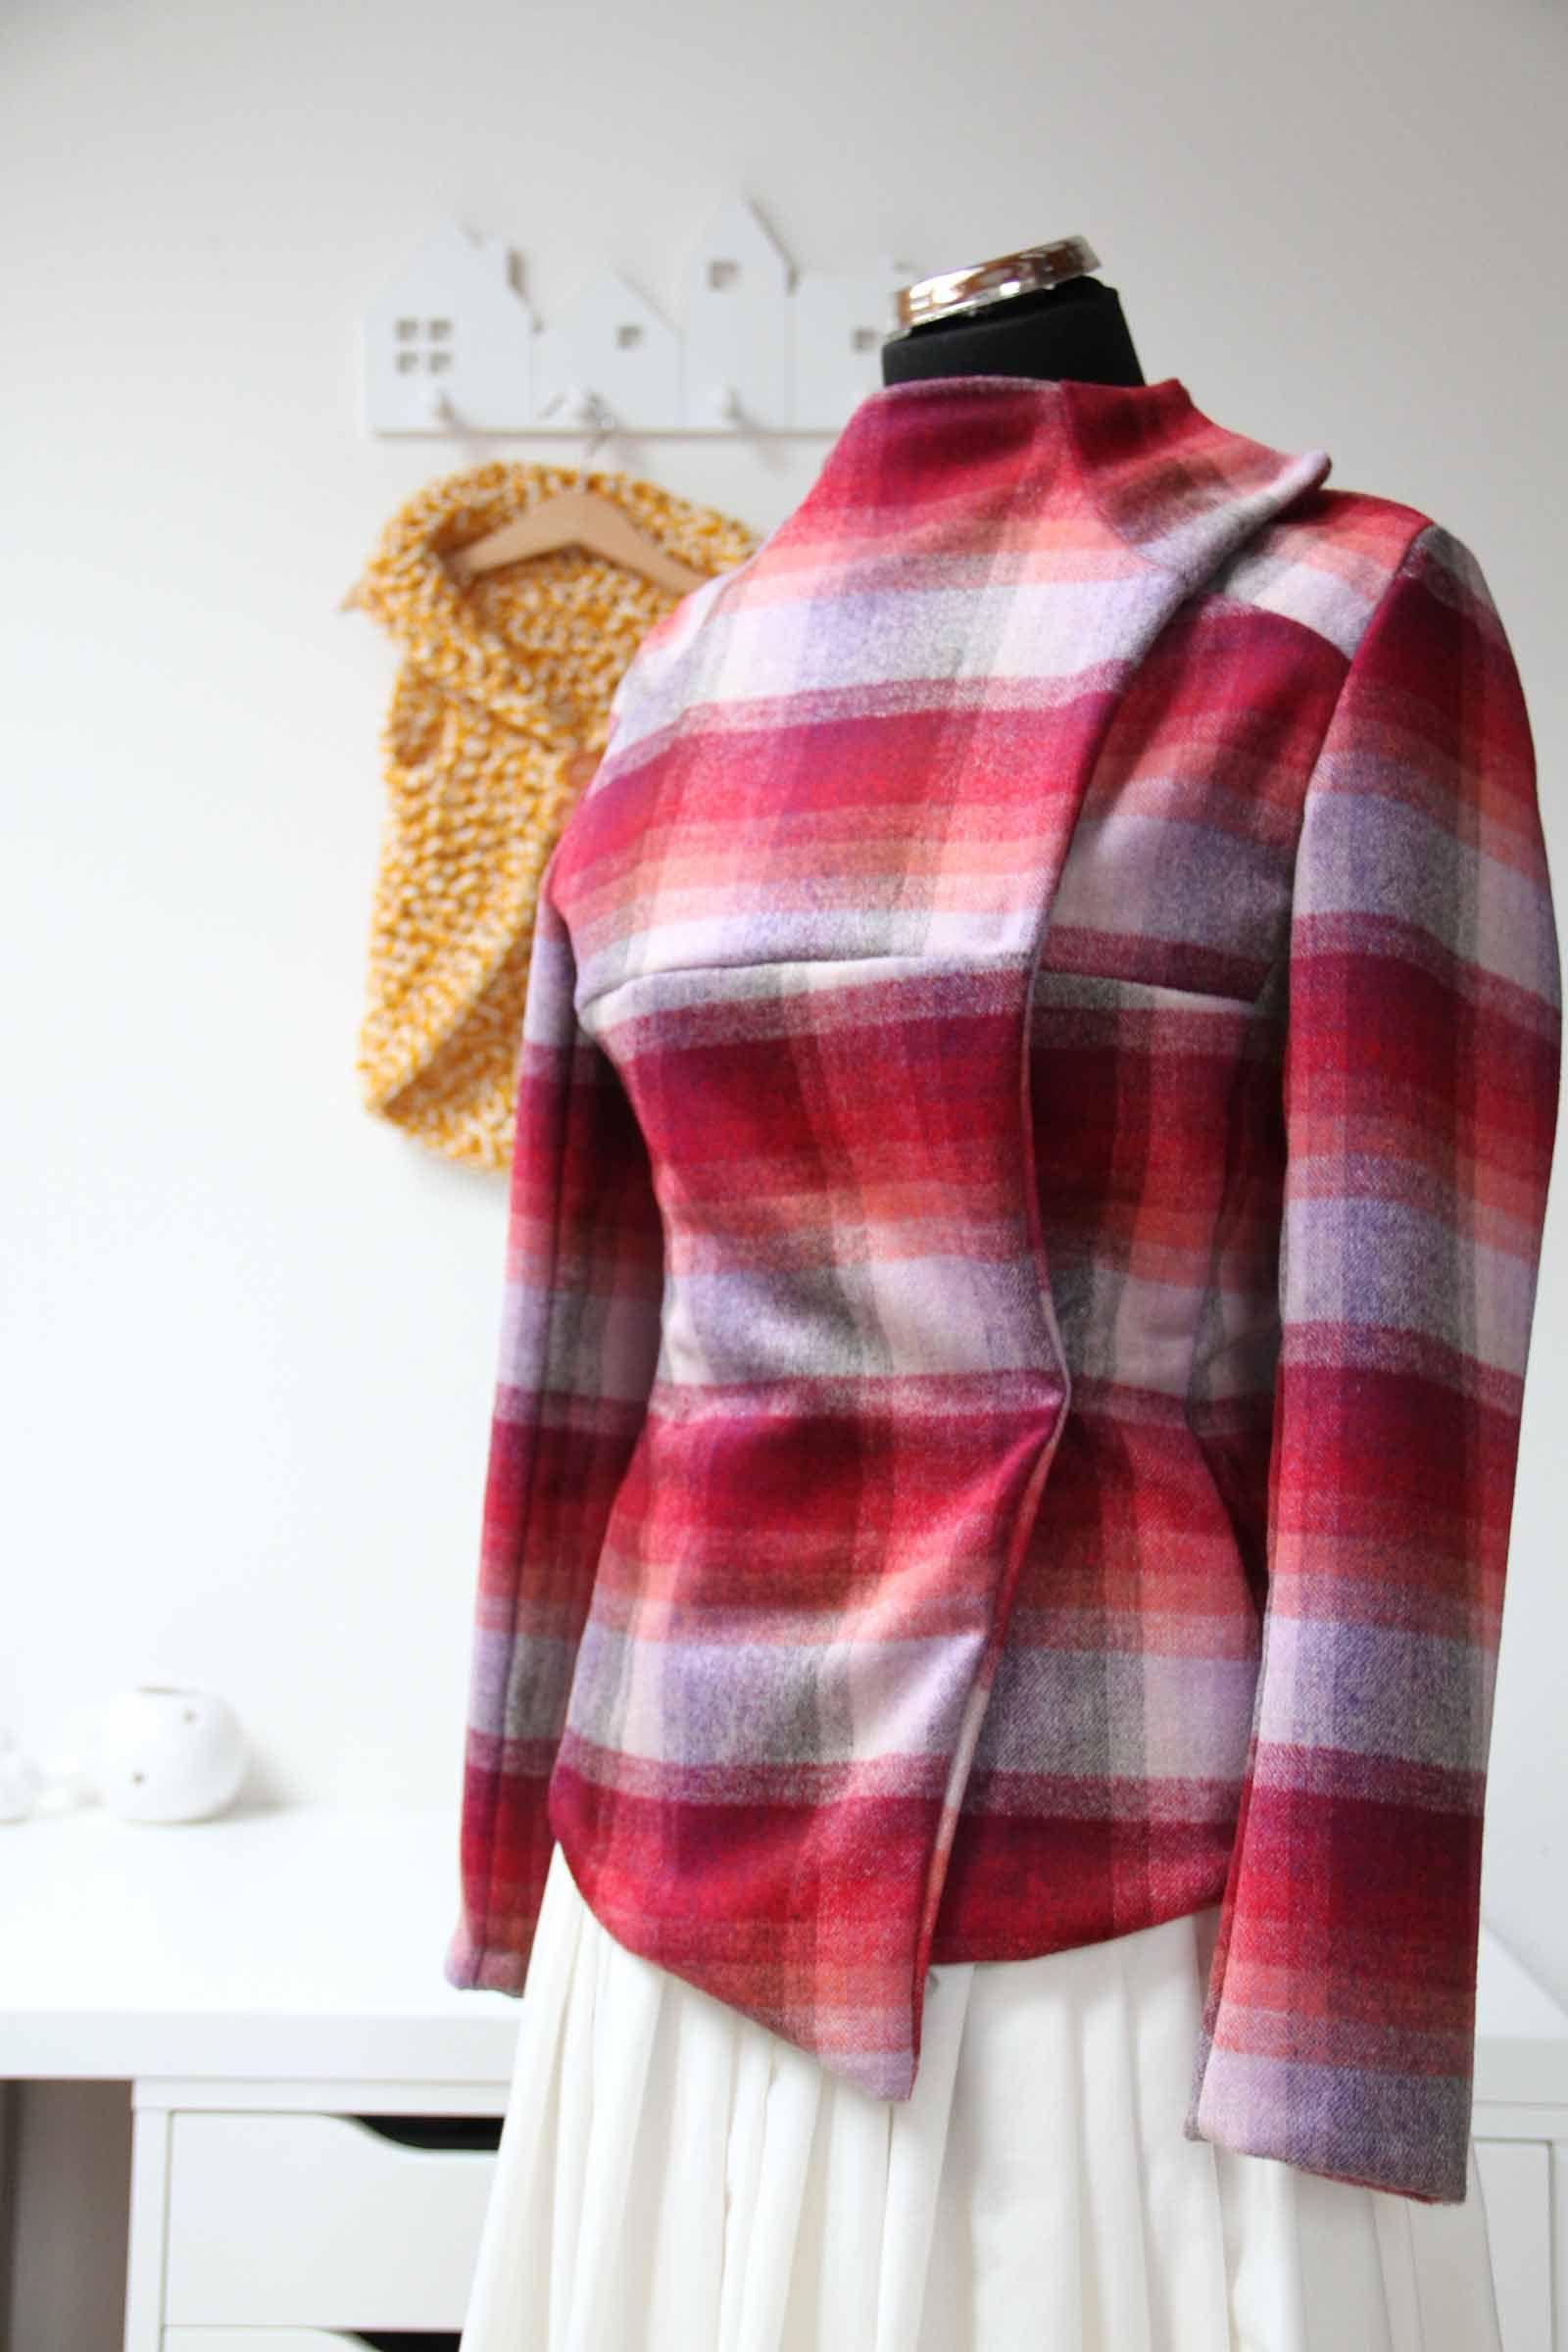 Vlastnoručně šitý jarní kabátek, Burda Style